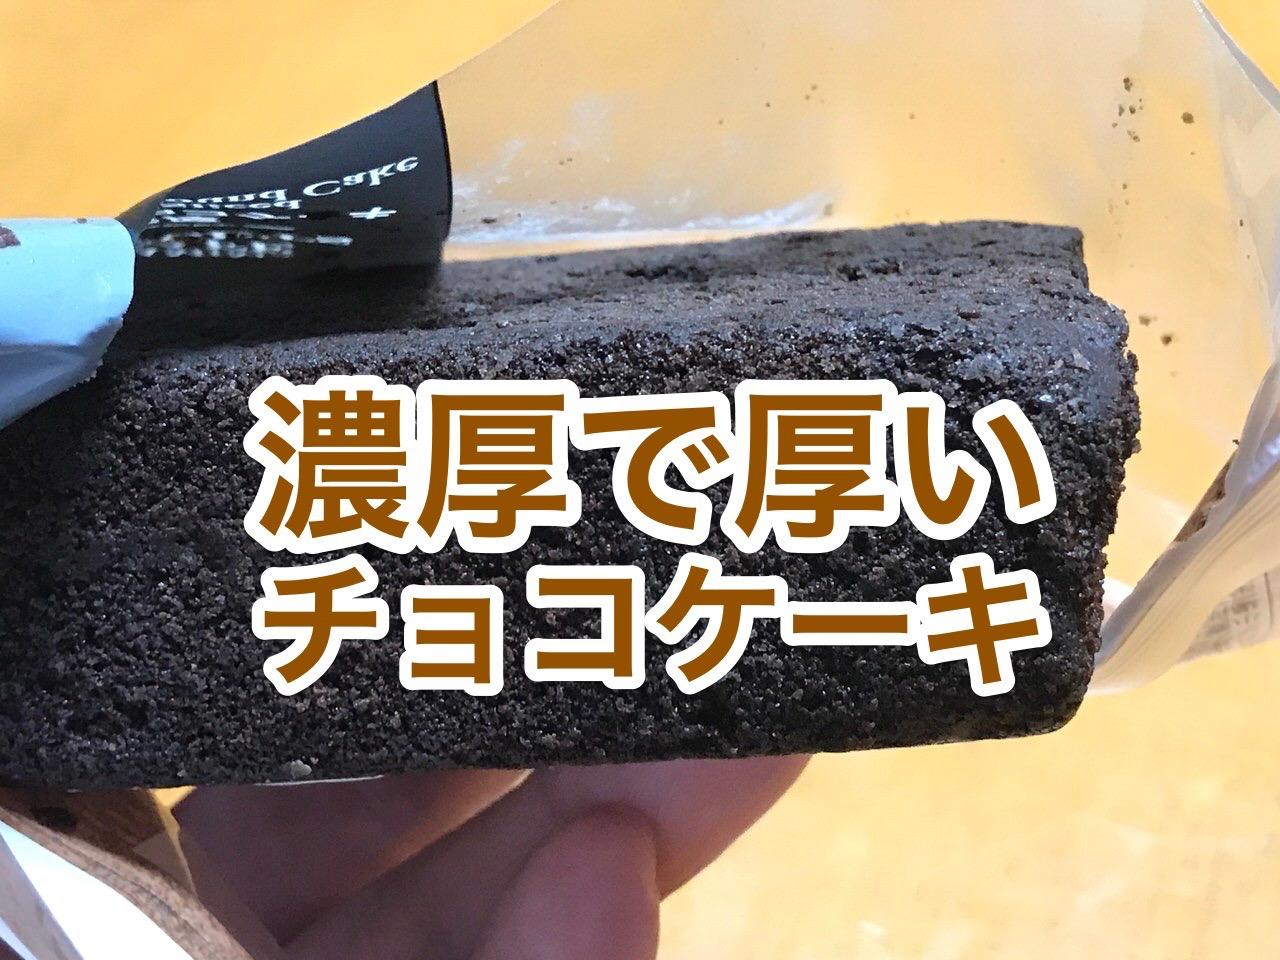 厚切りすぎてレンガみたいに重量感ある濃厚チョコケーキがファミマで180円で買える!ただしカロリーに気をつけて